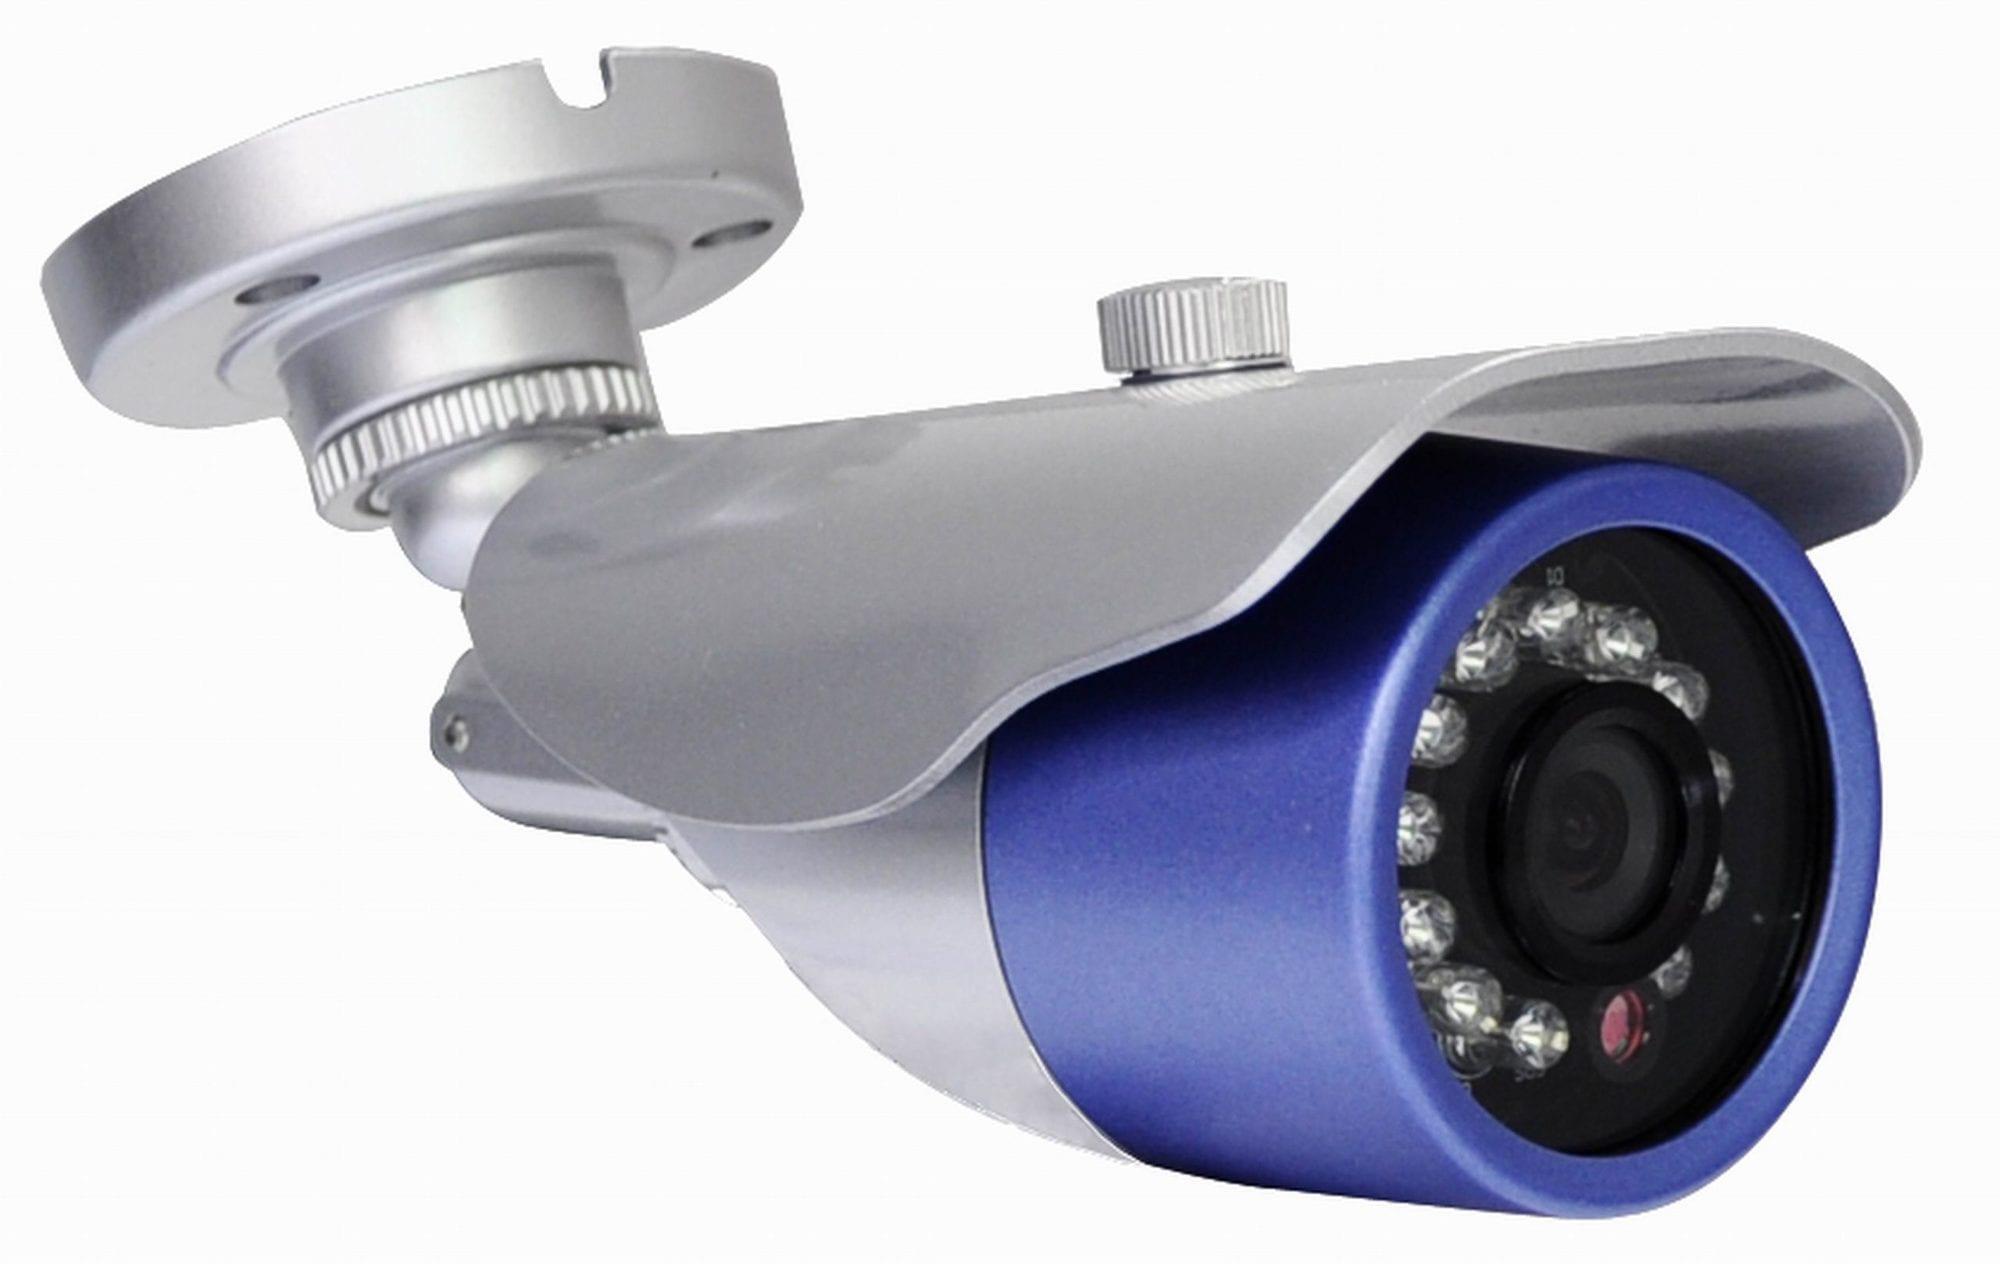 كاميرات المراقبة كيف تعمل : كيفية عمل كاميرا مراقبة لاسلكية